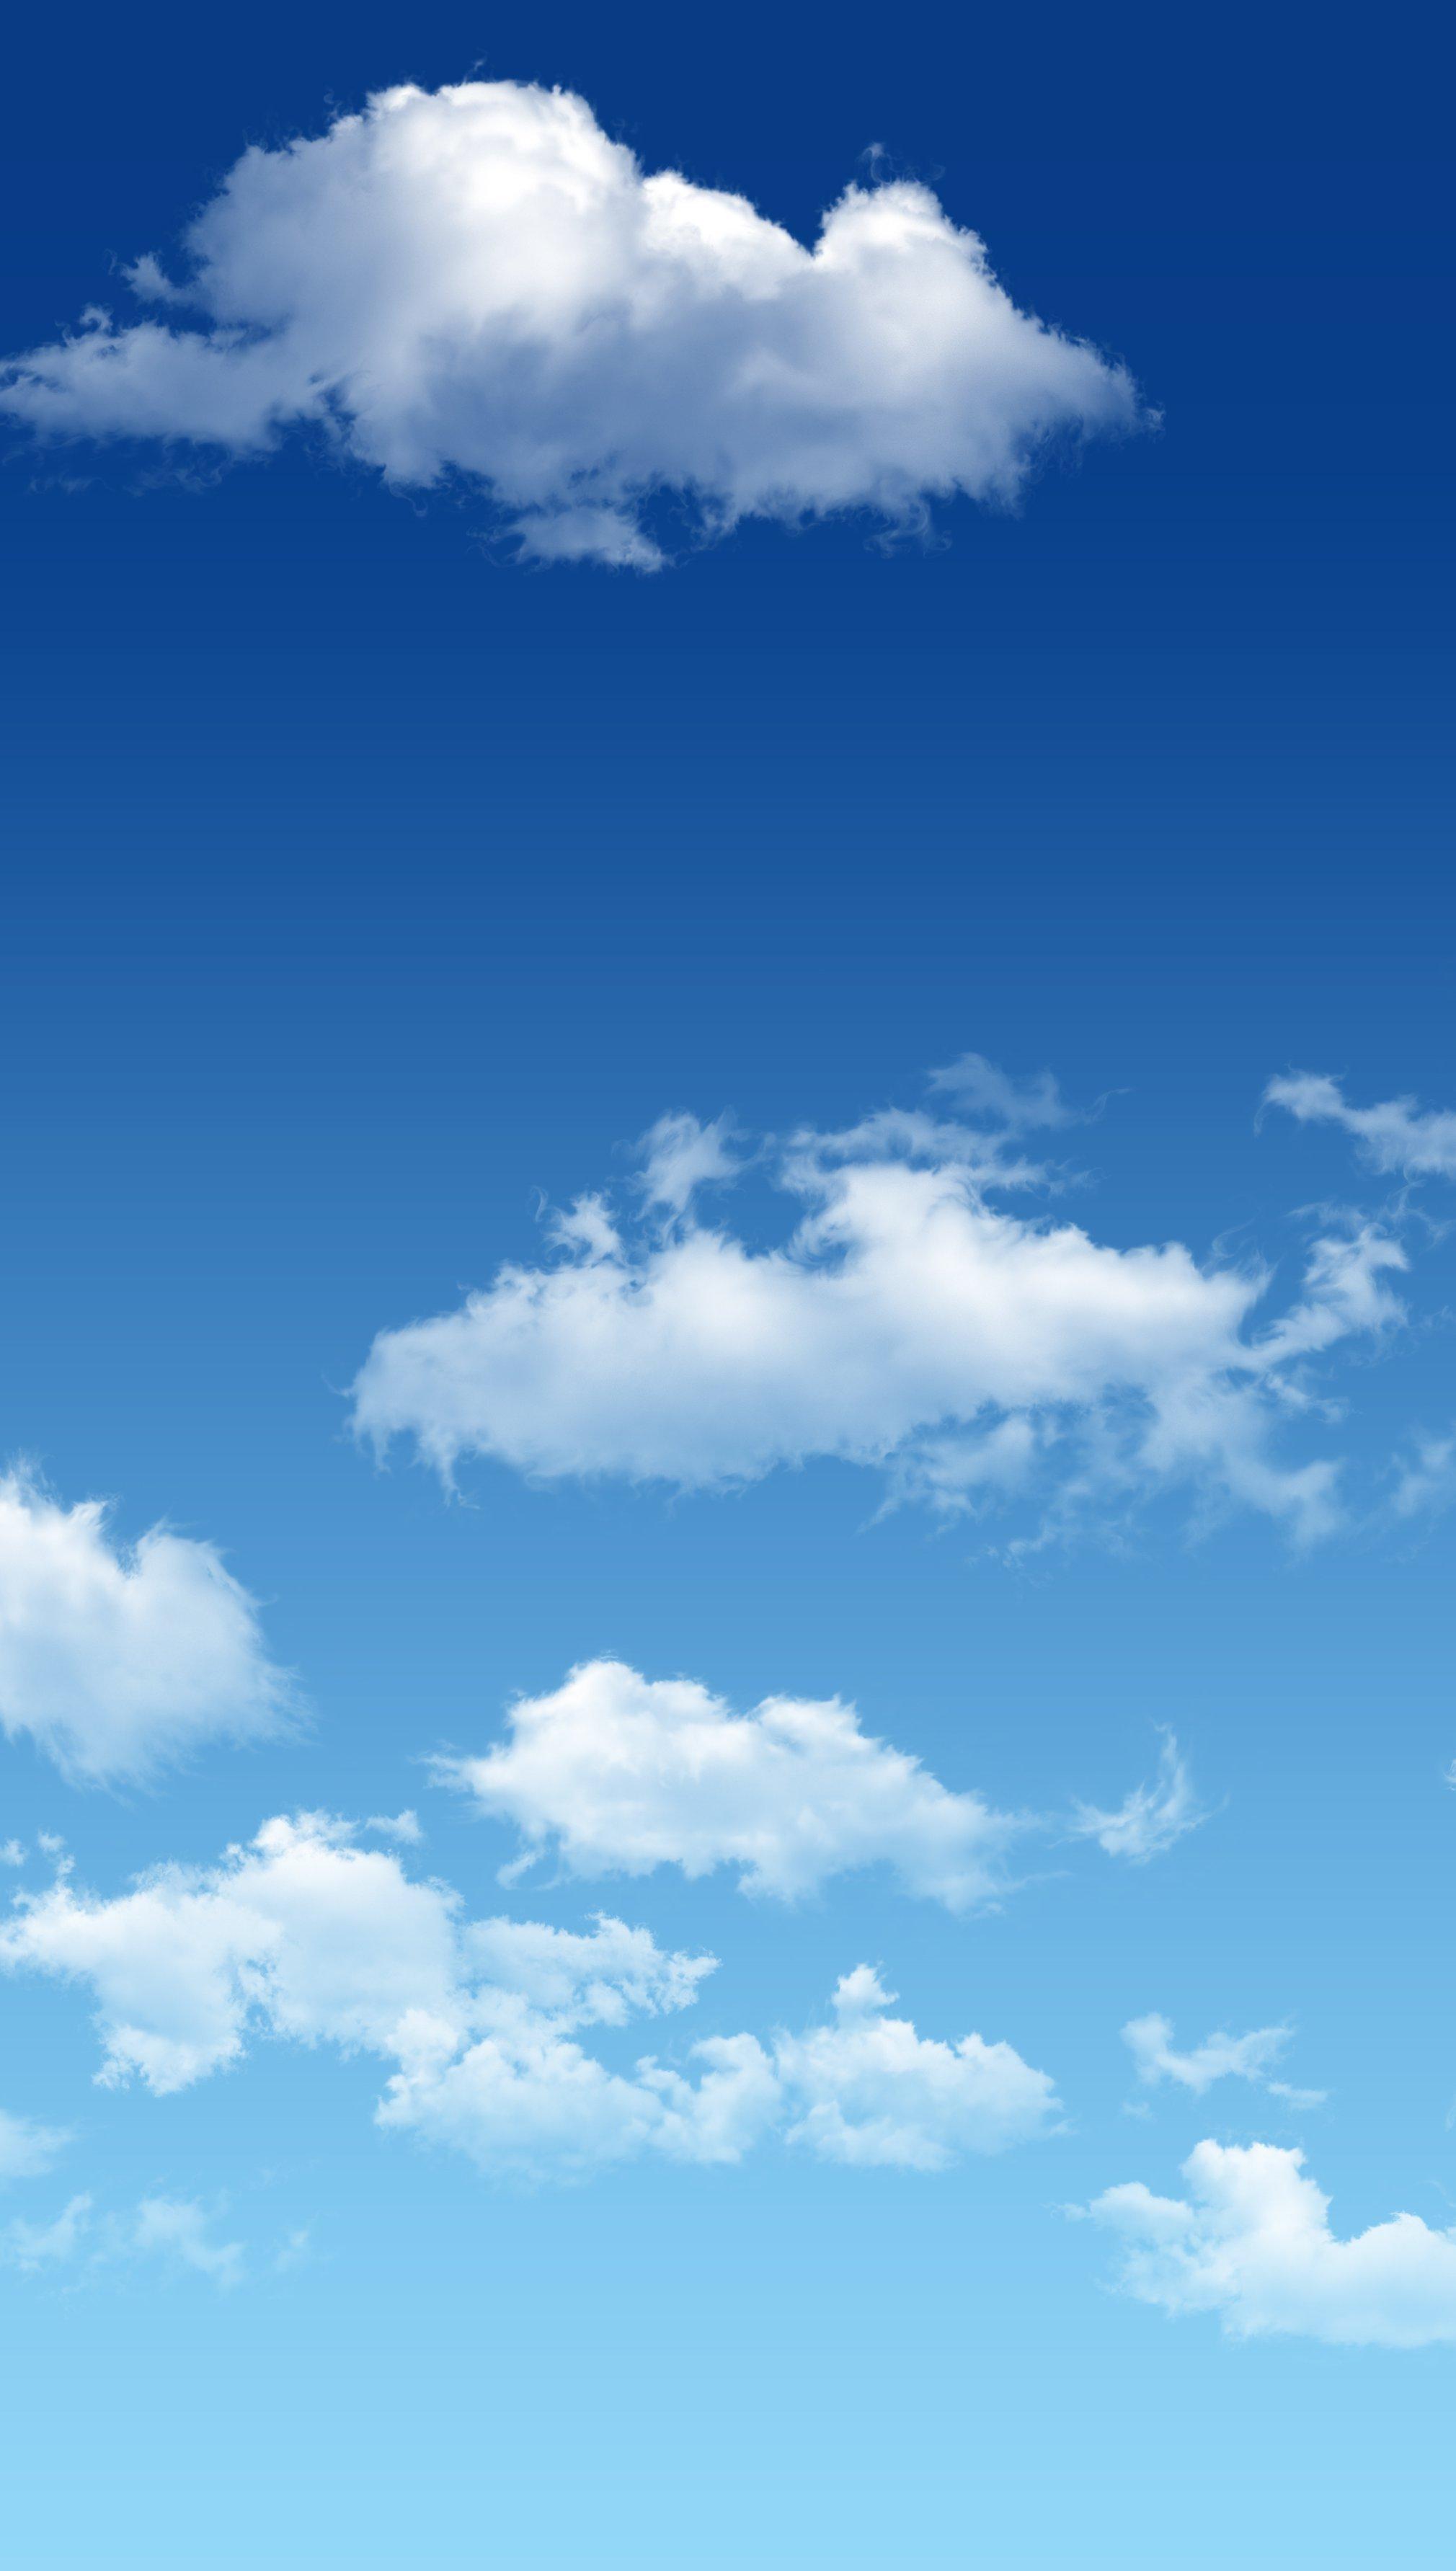 Fondos de pantalla Cielo con nubes Vertical